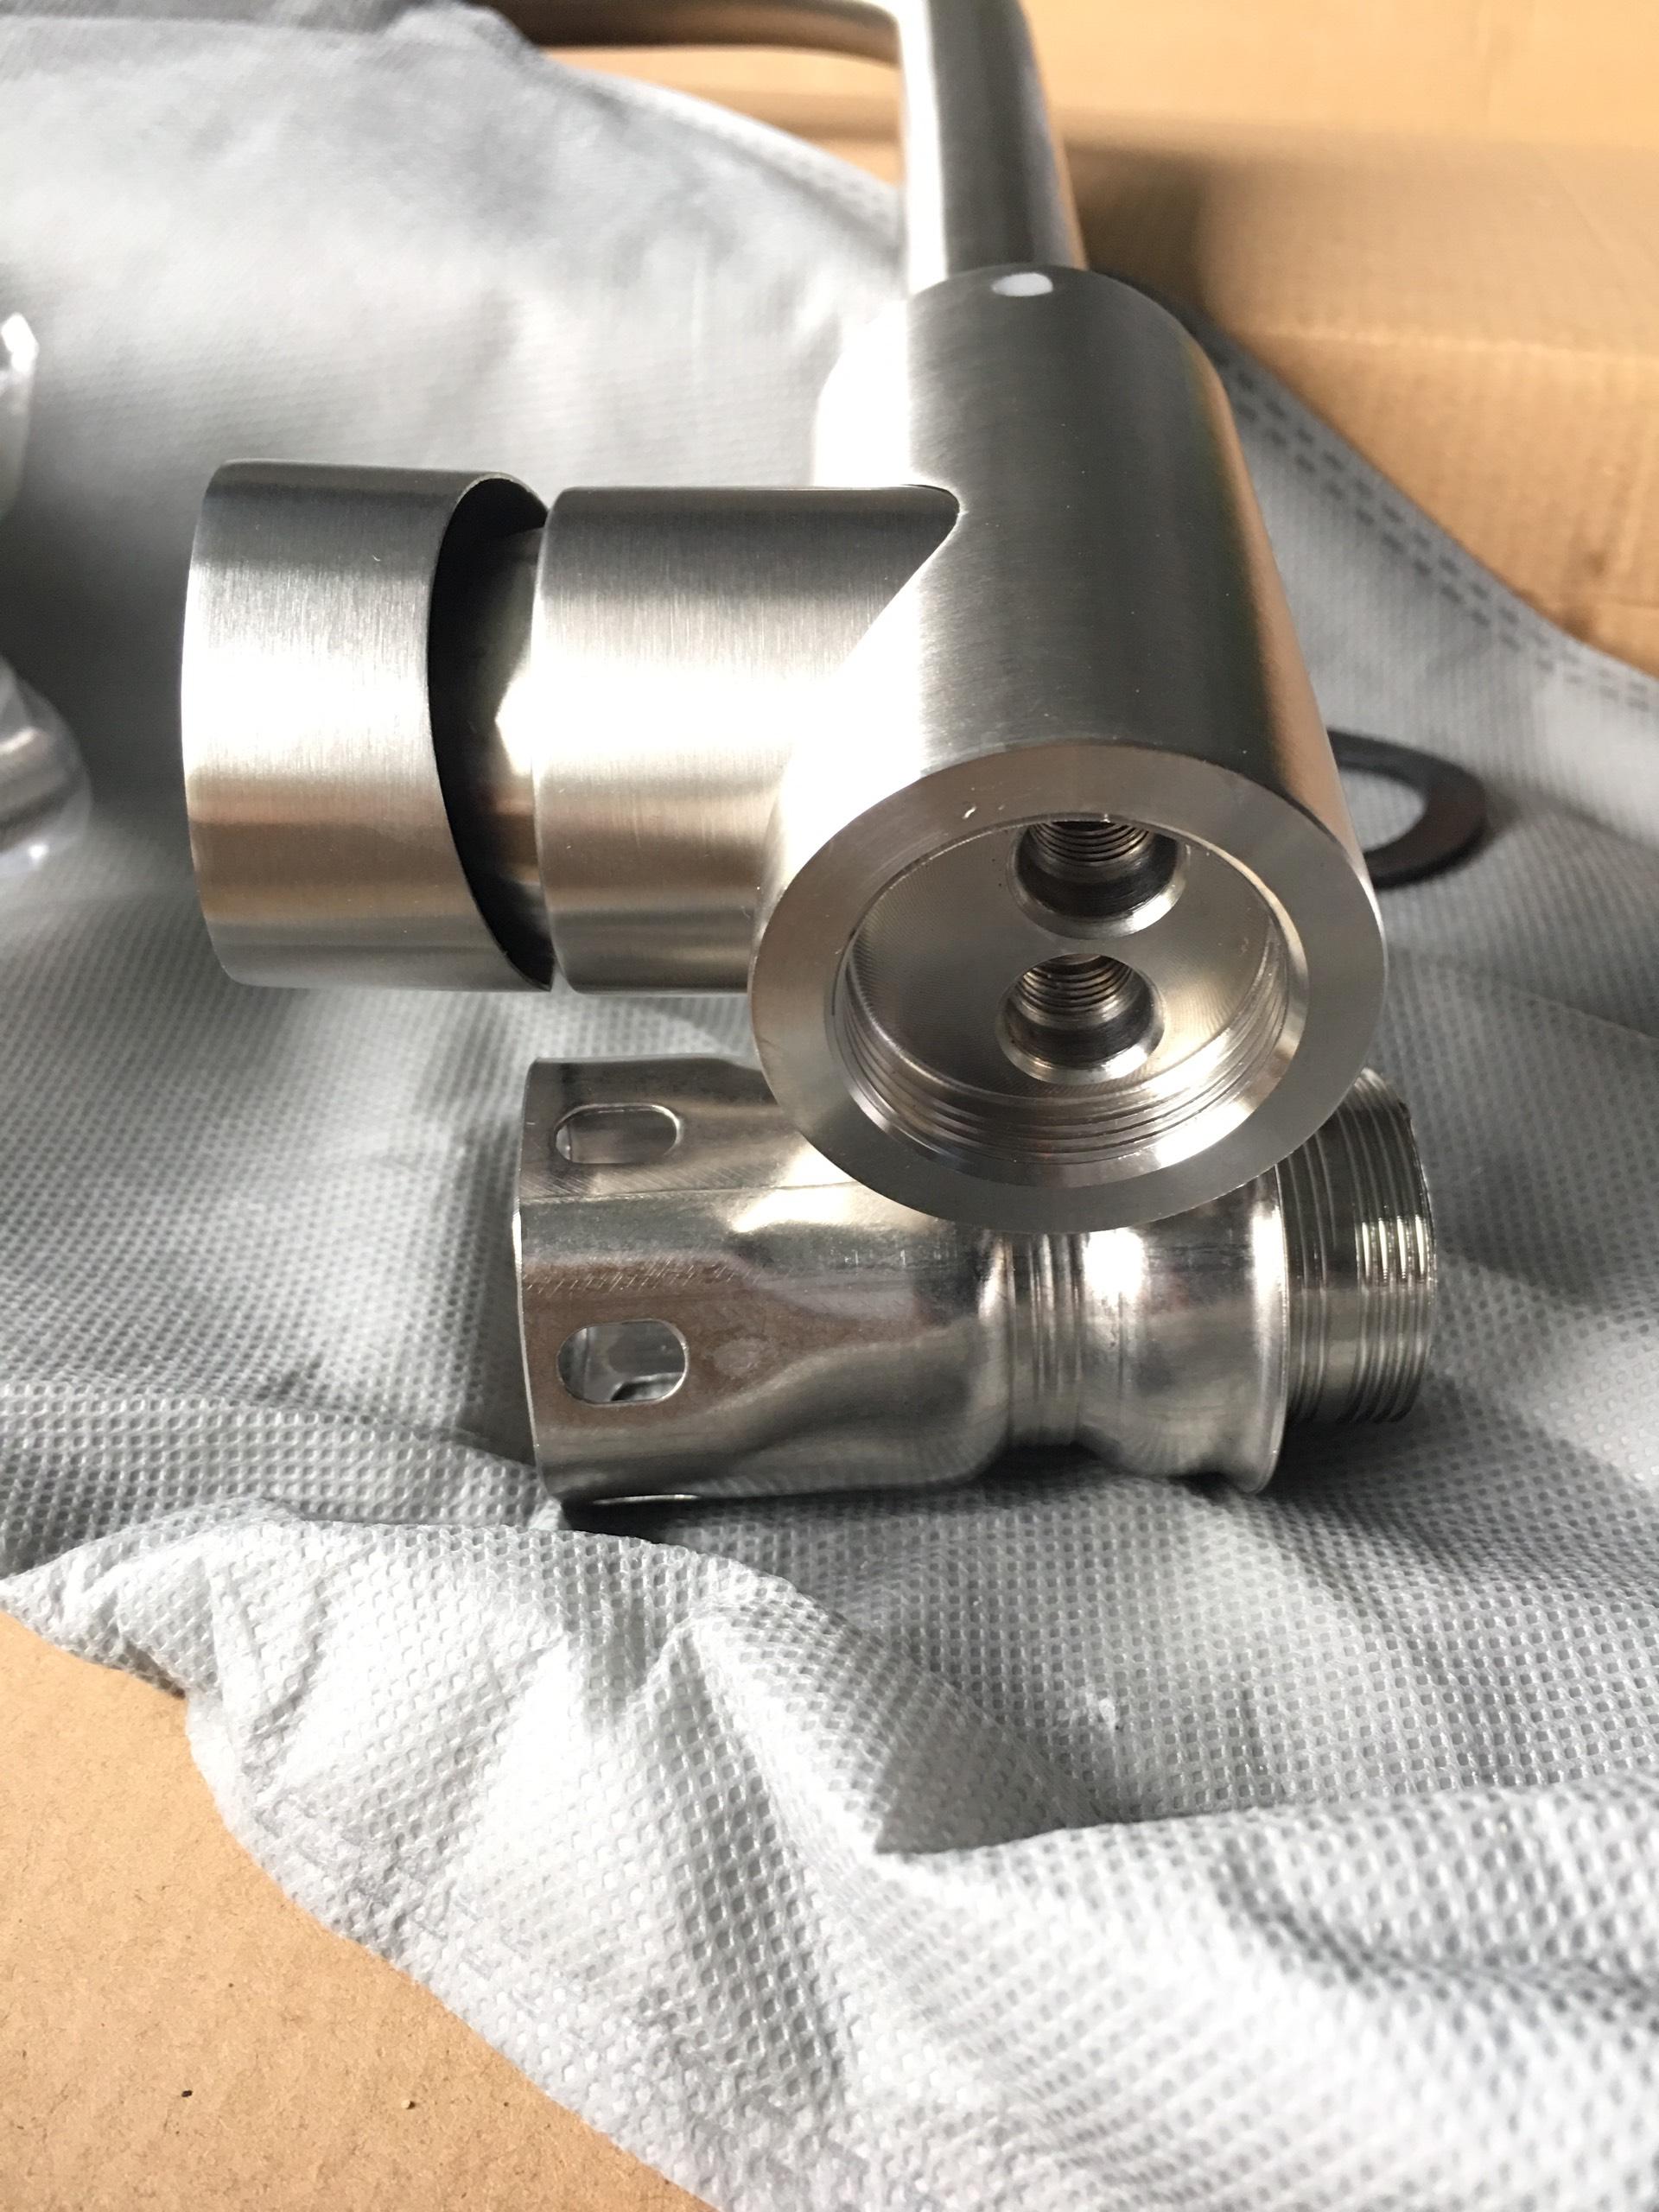 Vòi inox 304 nóng lạnh cong dùng cho mọi bồn - tặng kèm dây cấp nóng lạnh 304 60cm